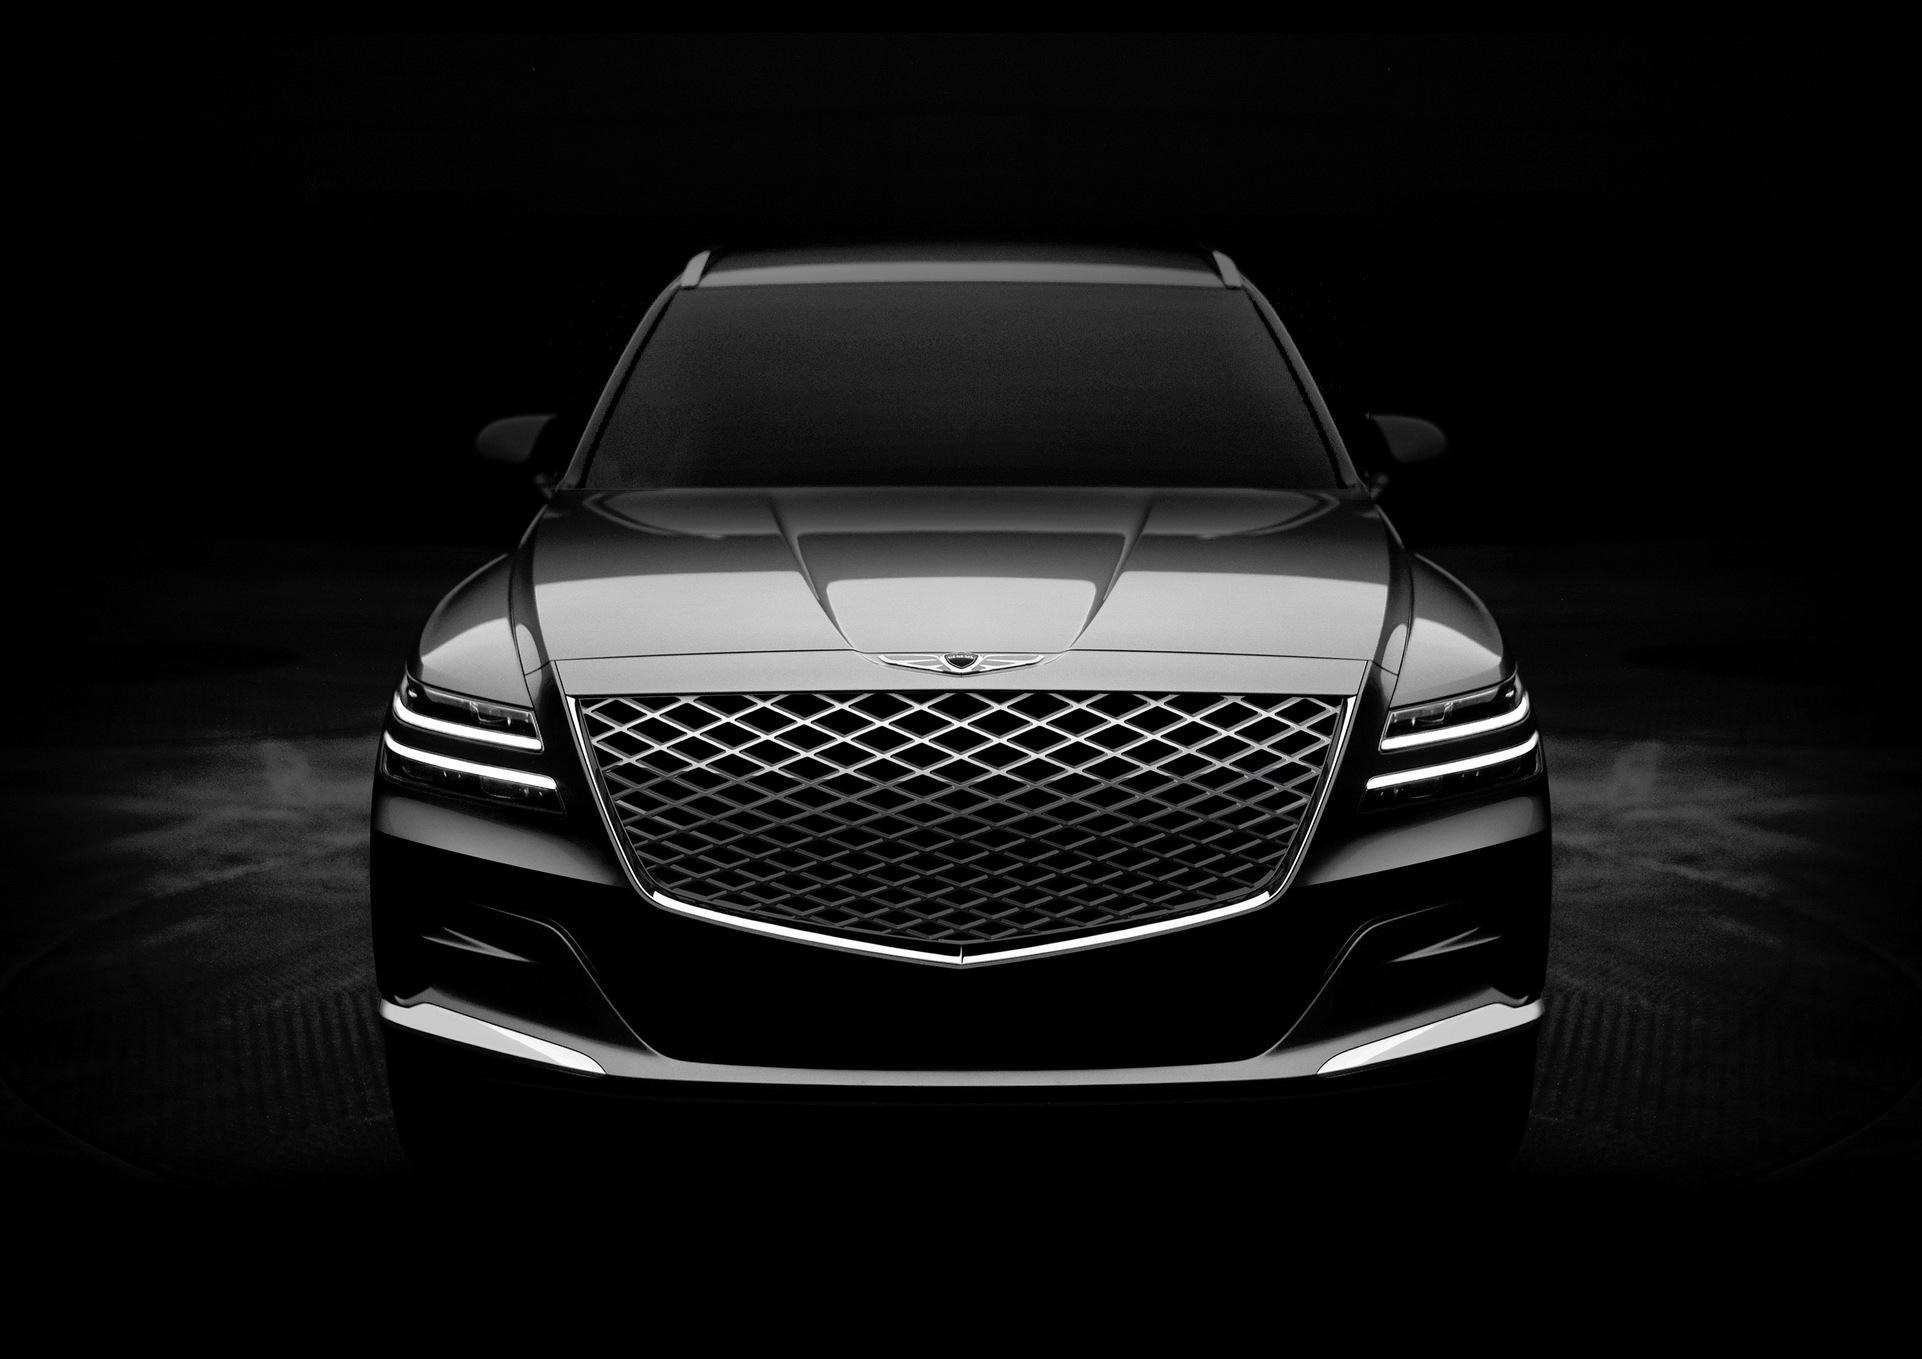 2020-genesis-gv80-carscoops-5.jpg